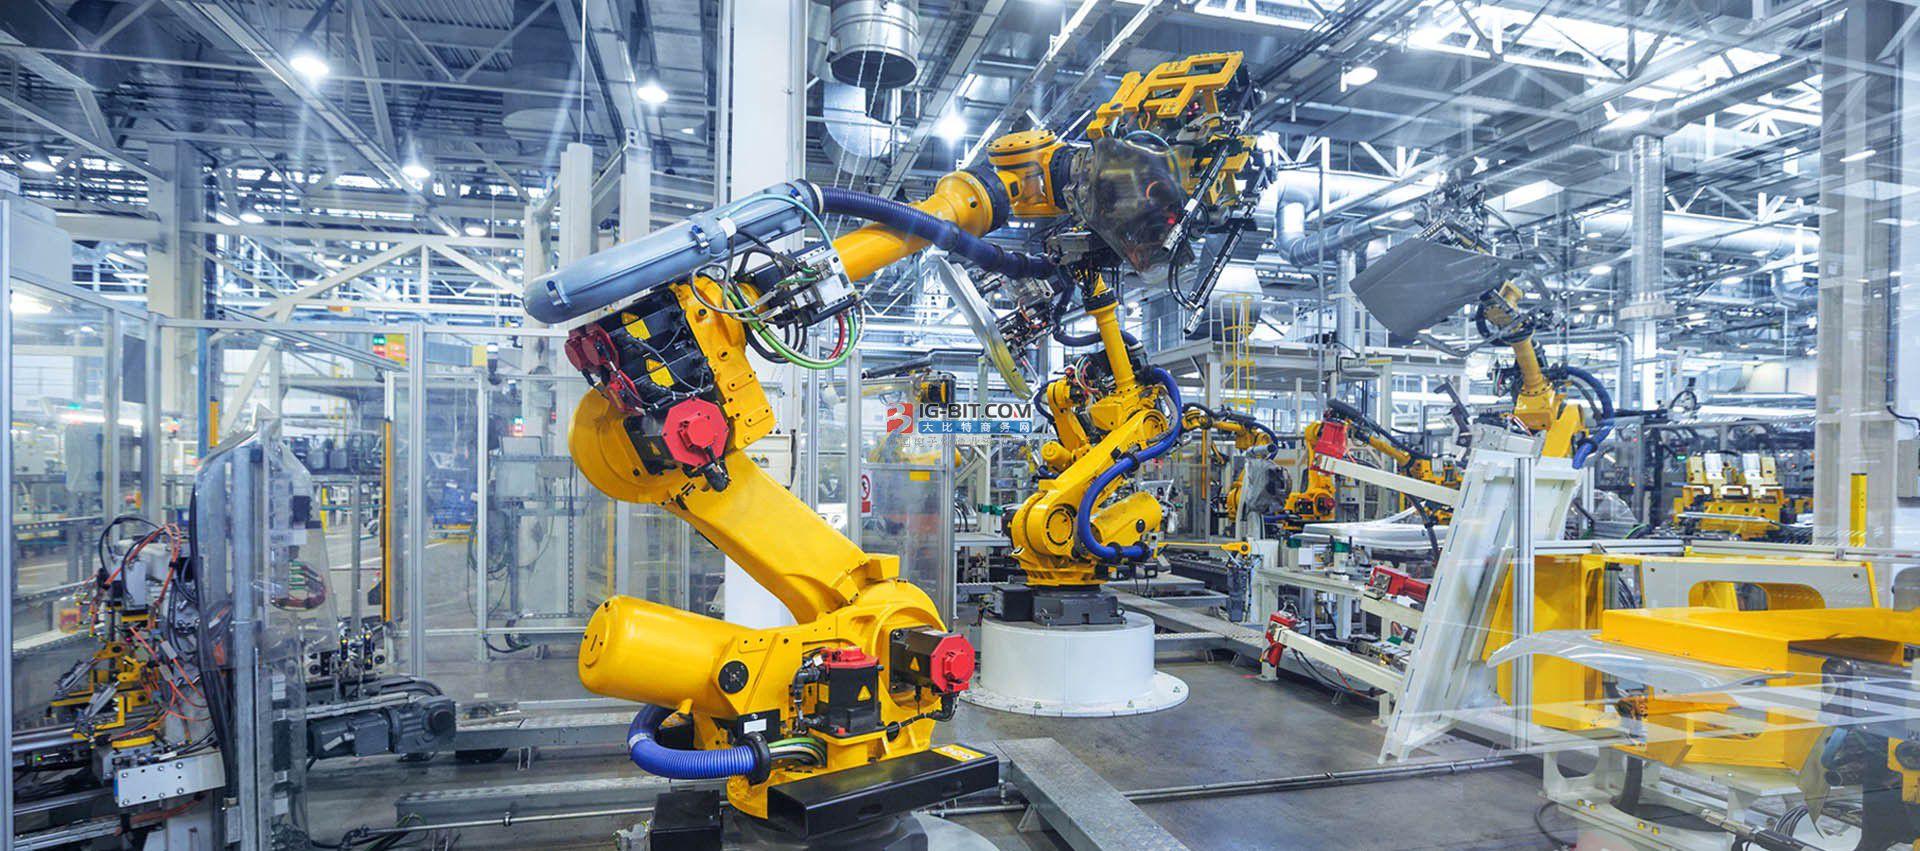 工业机器人市场的背后,暴露人才短缺问题